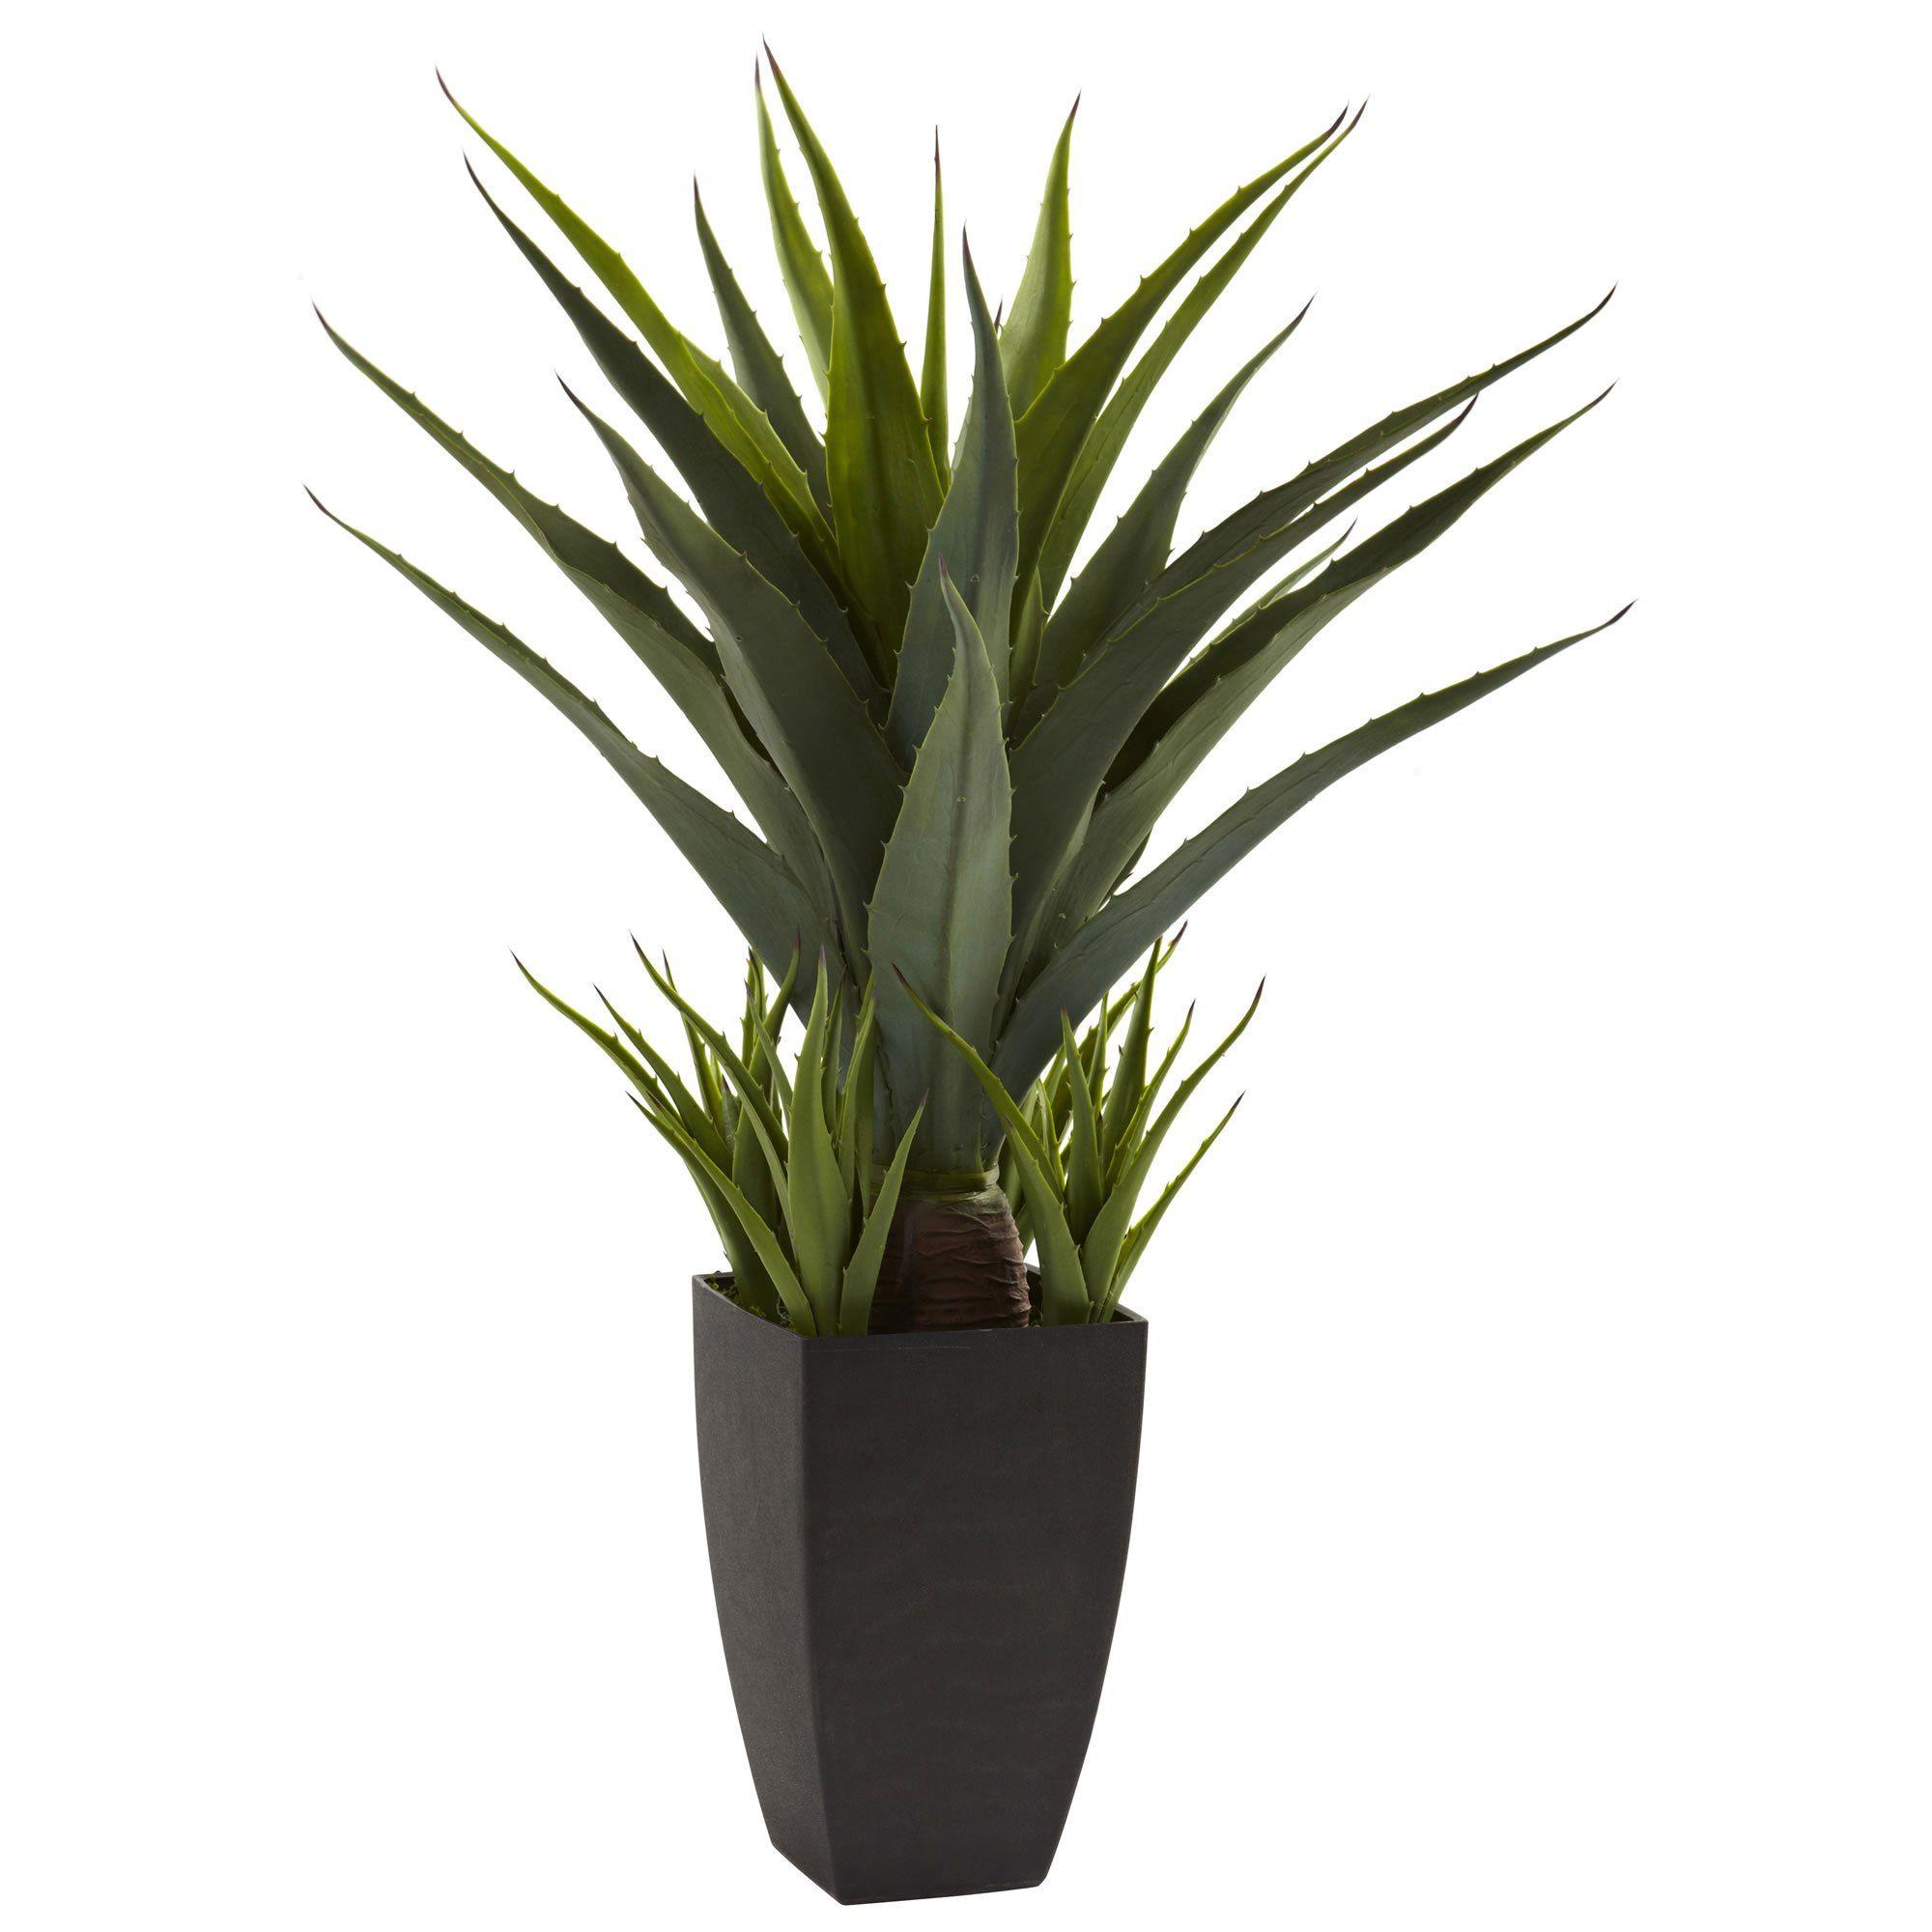 30 H Agave W Black Planter Black Planters Artificial Plants Floor Plants